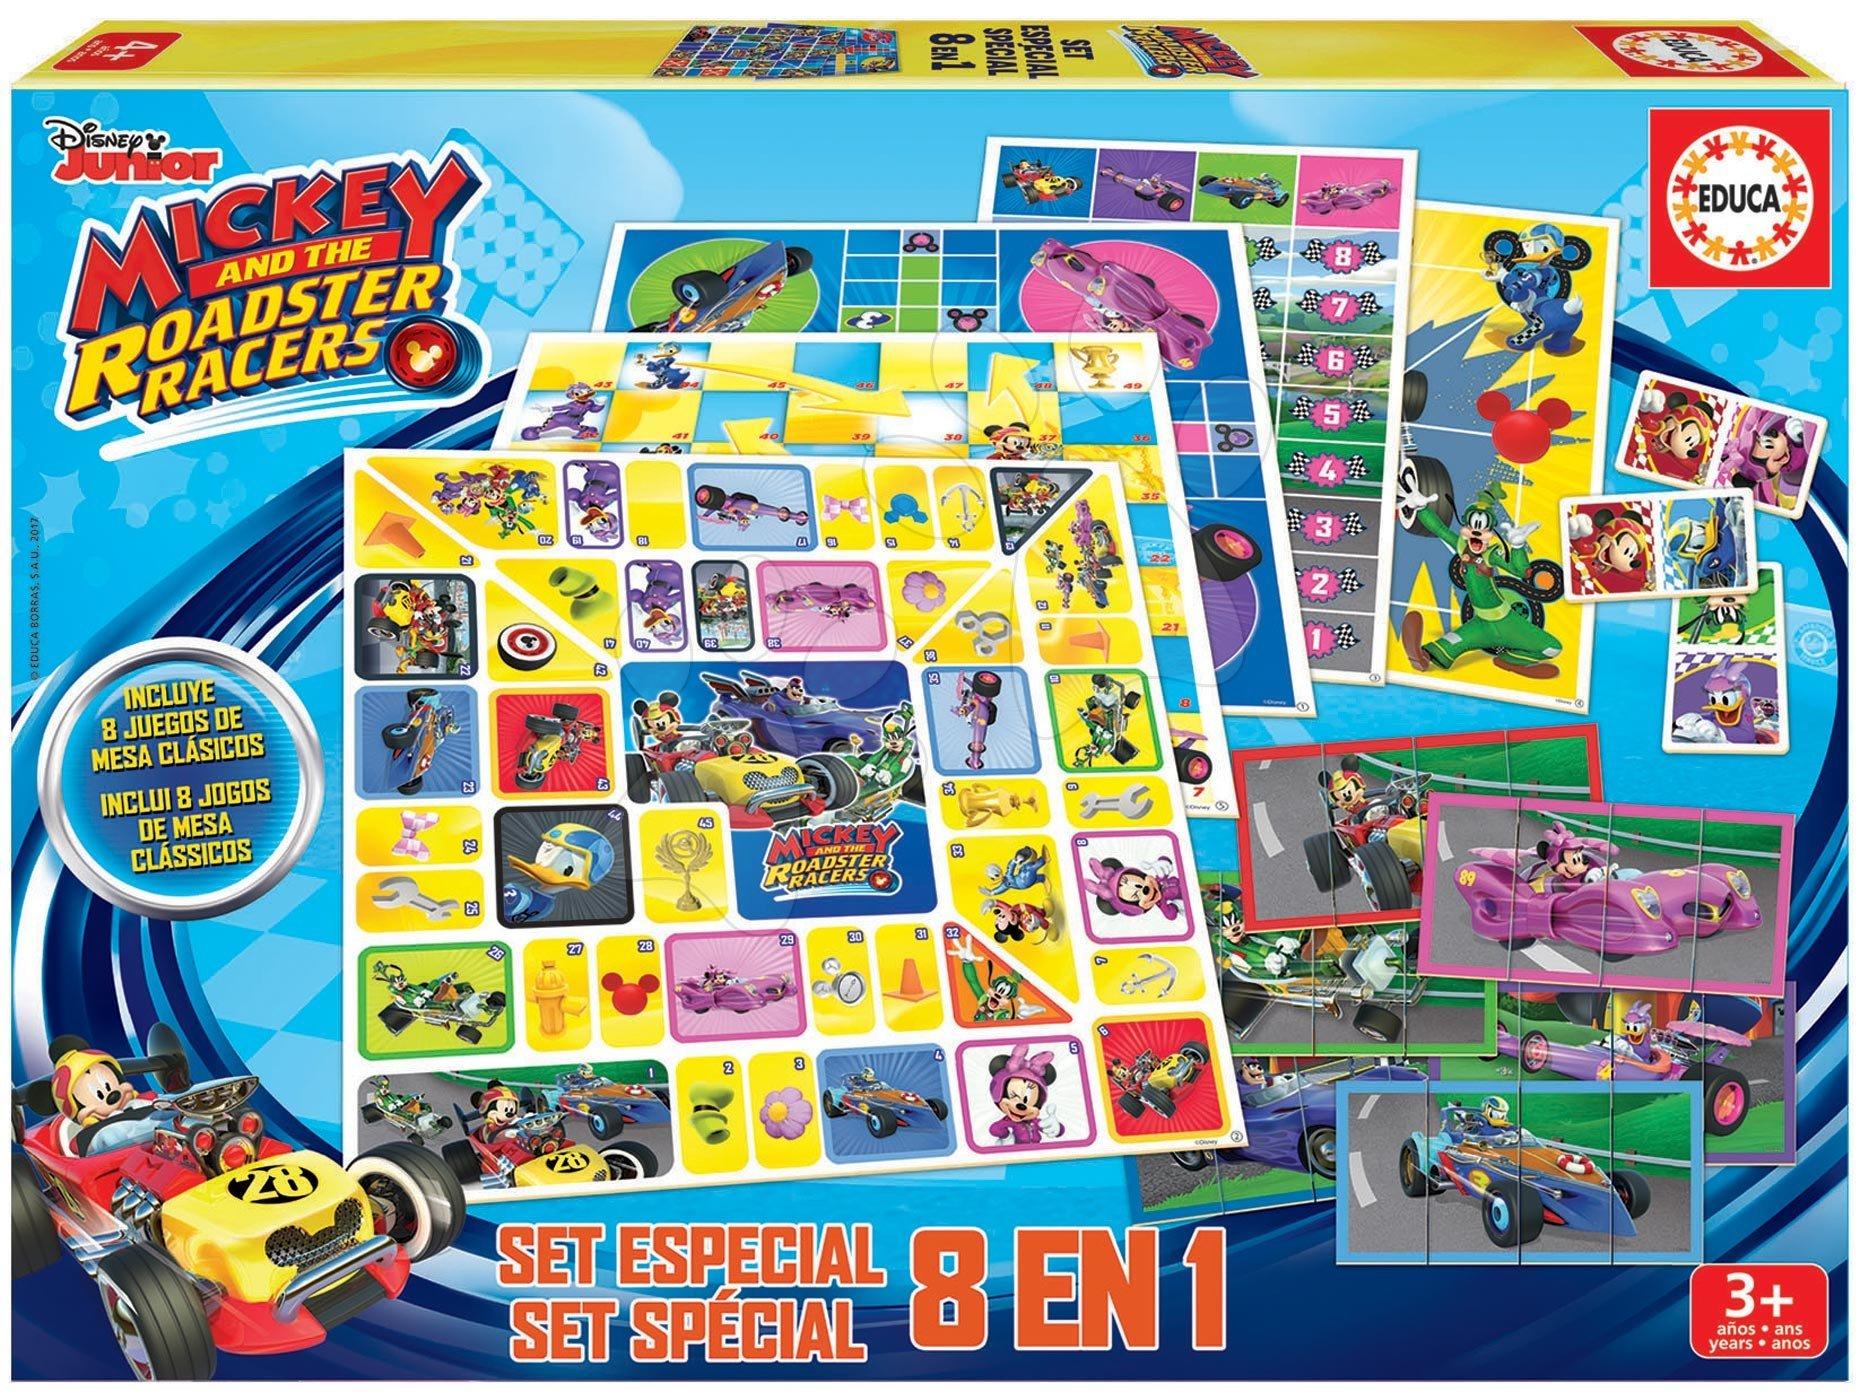 Spoločenské hry Mickey Roadster Racers 8 v 1 Special set Educa od 3 rokov